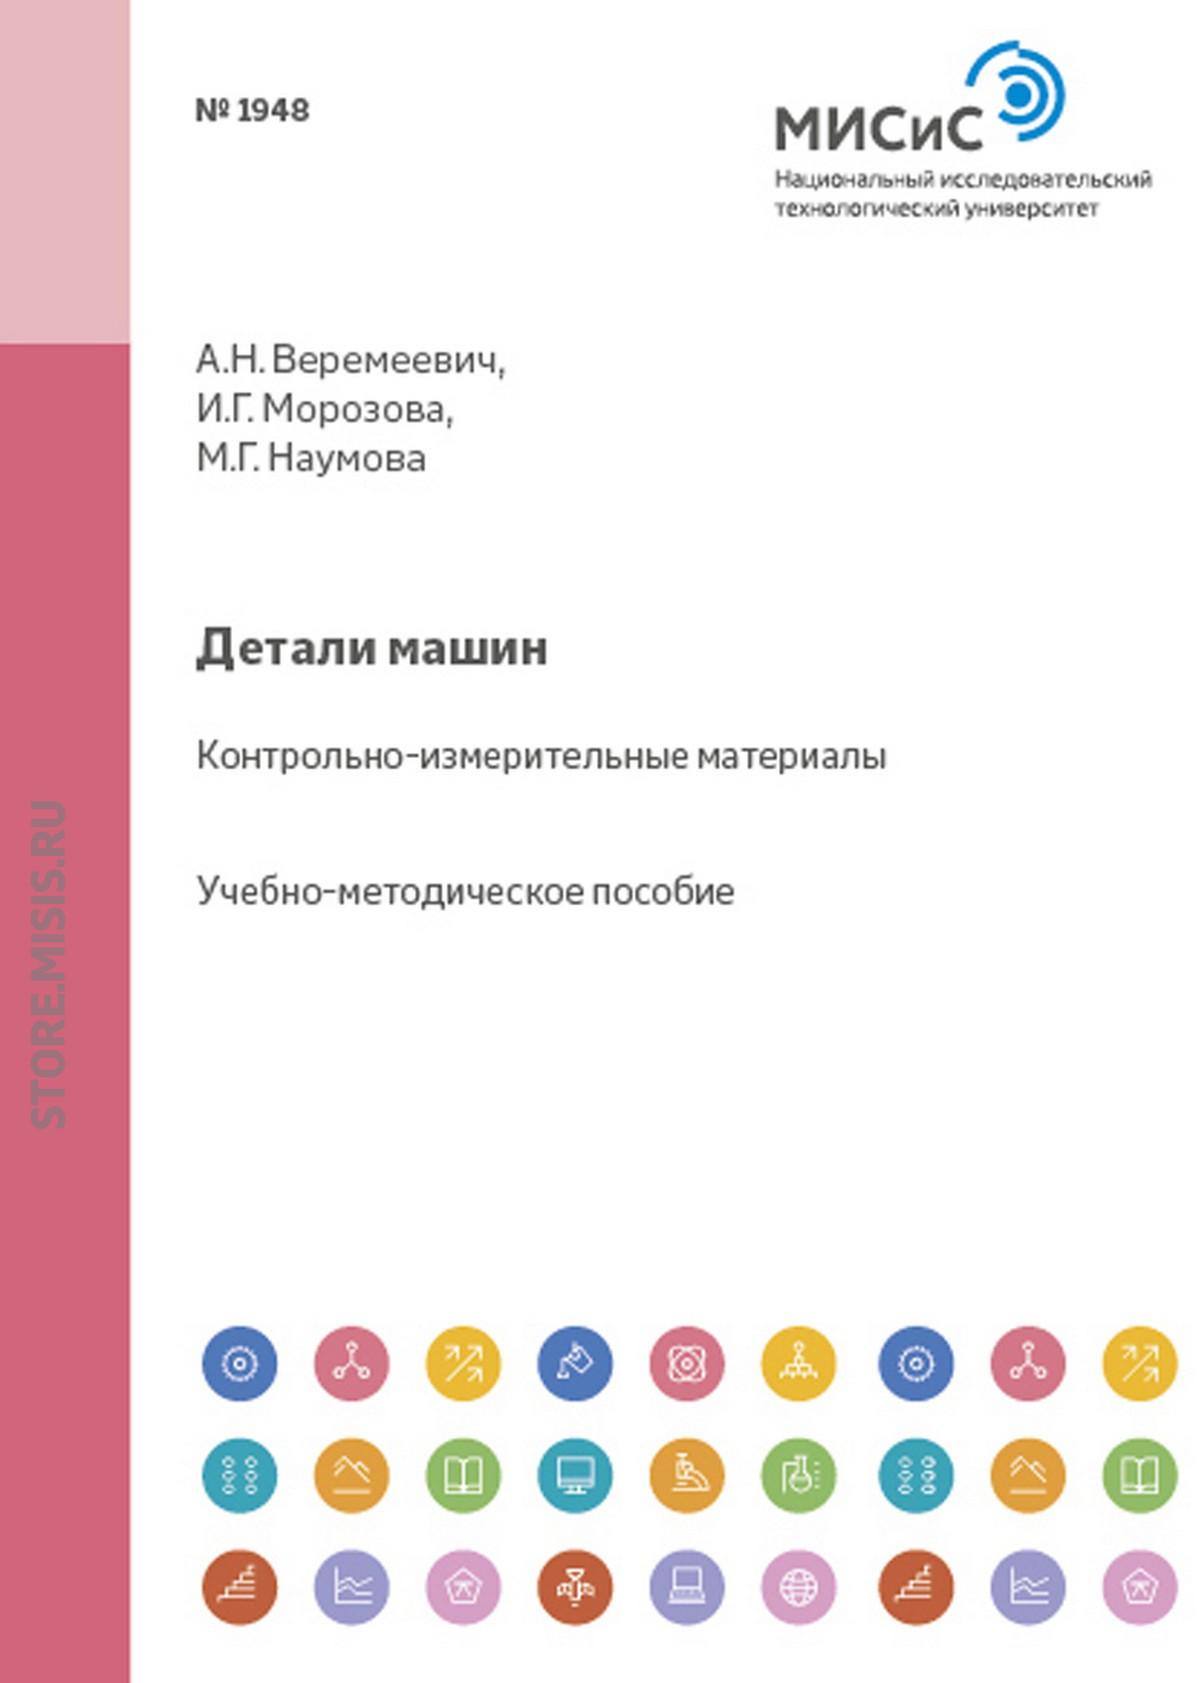 Анатолий Веремеевич Детали машин. Контрольно-измерительные материалы